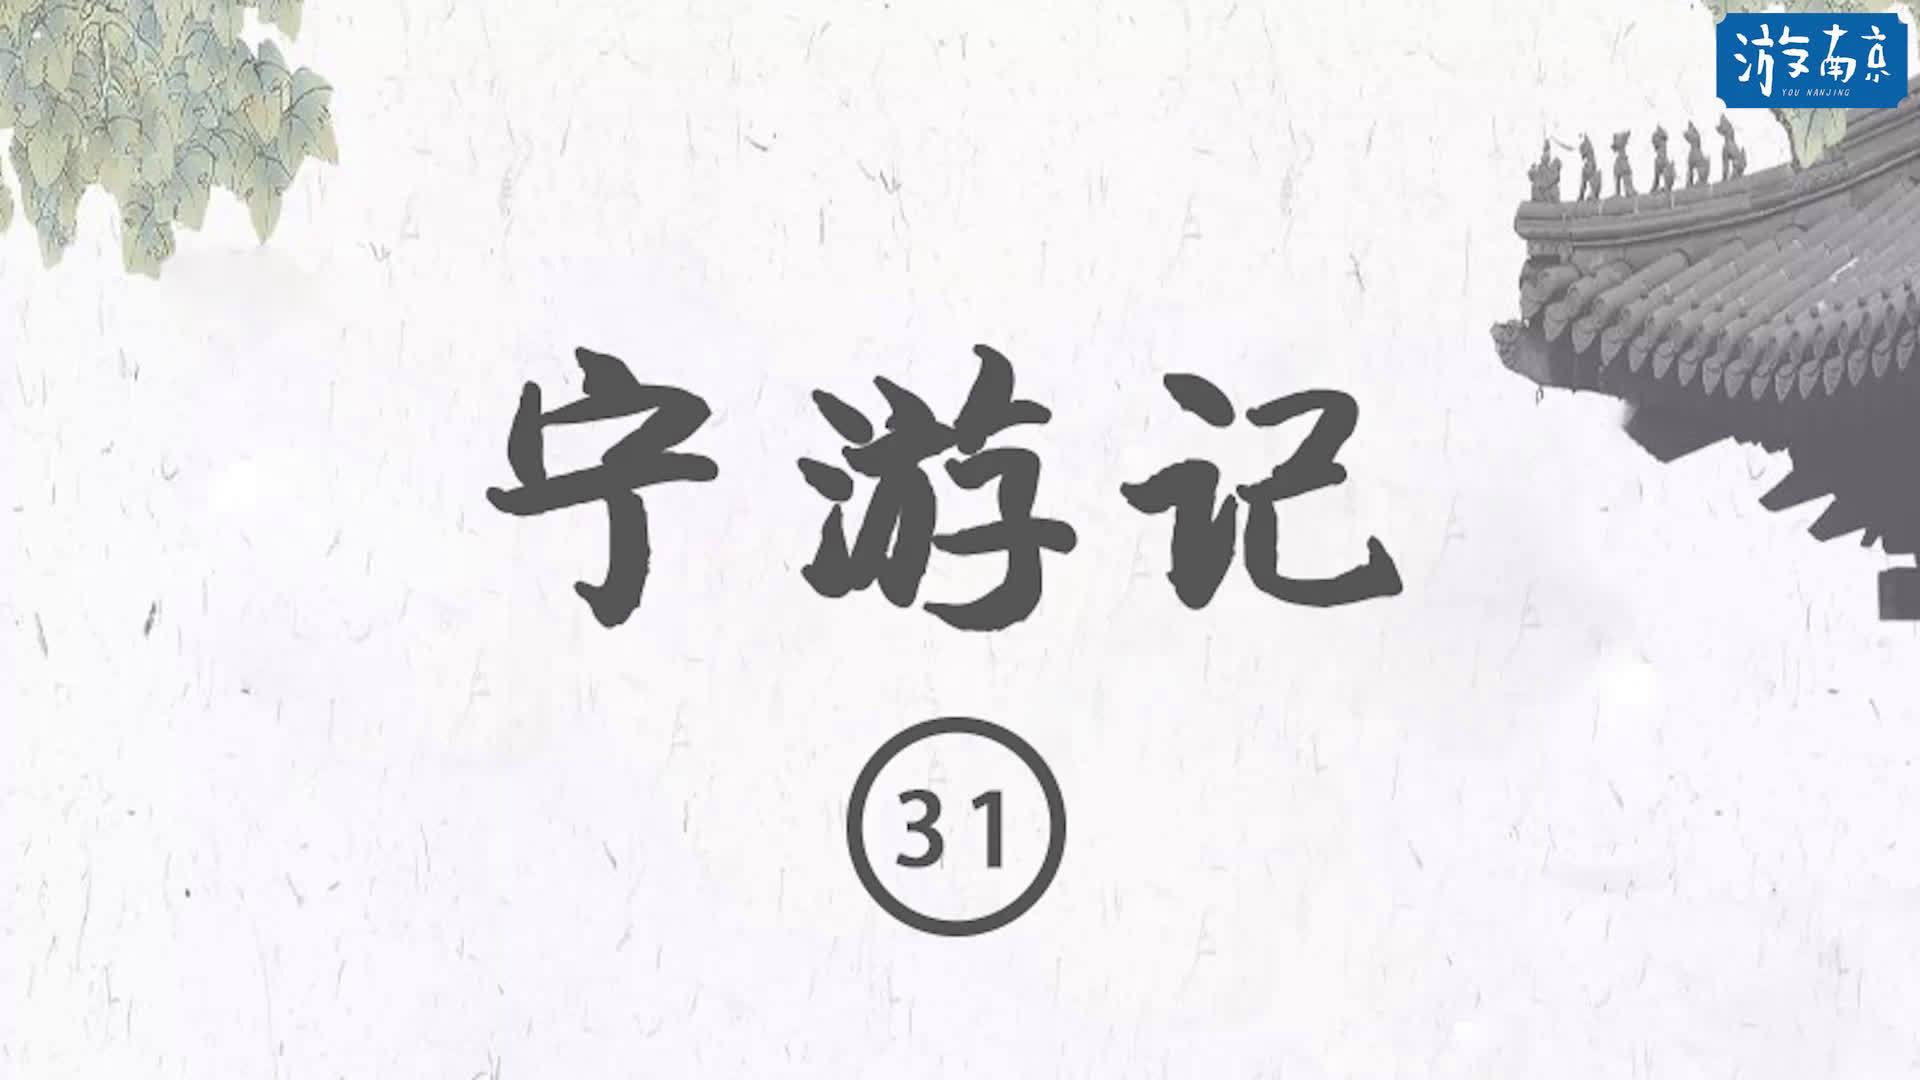 宁游记|探访玄武湖梁洲梅花隧道春暖花开的三月正是南京踏春好时节